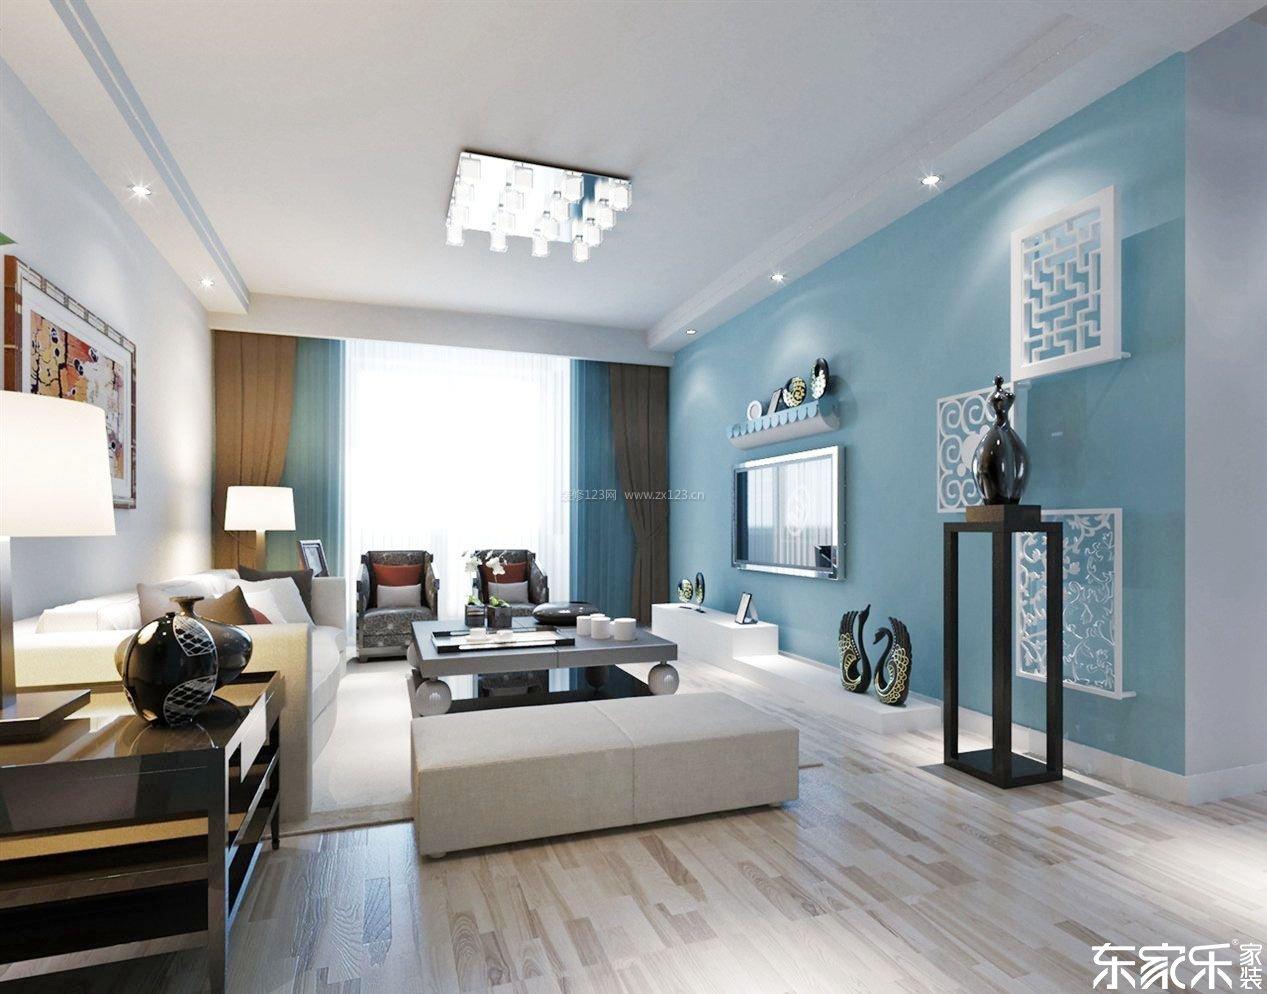 长沙装修公司提高住房品质,值得大家信赖